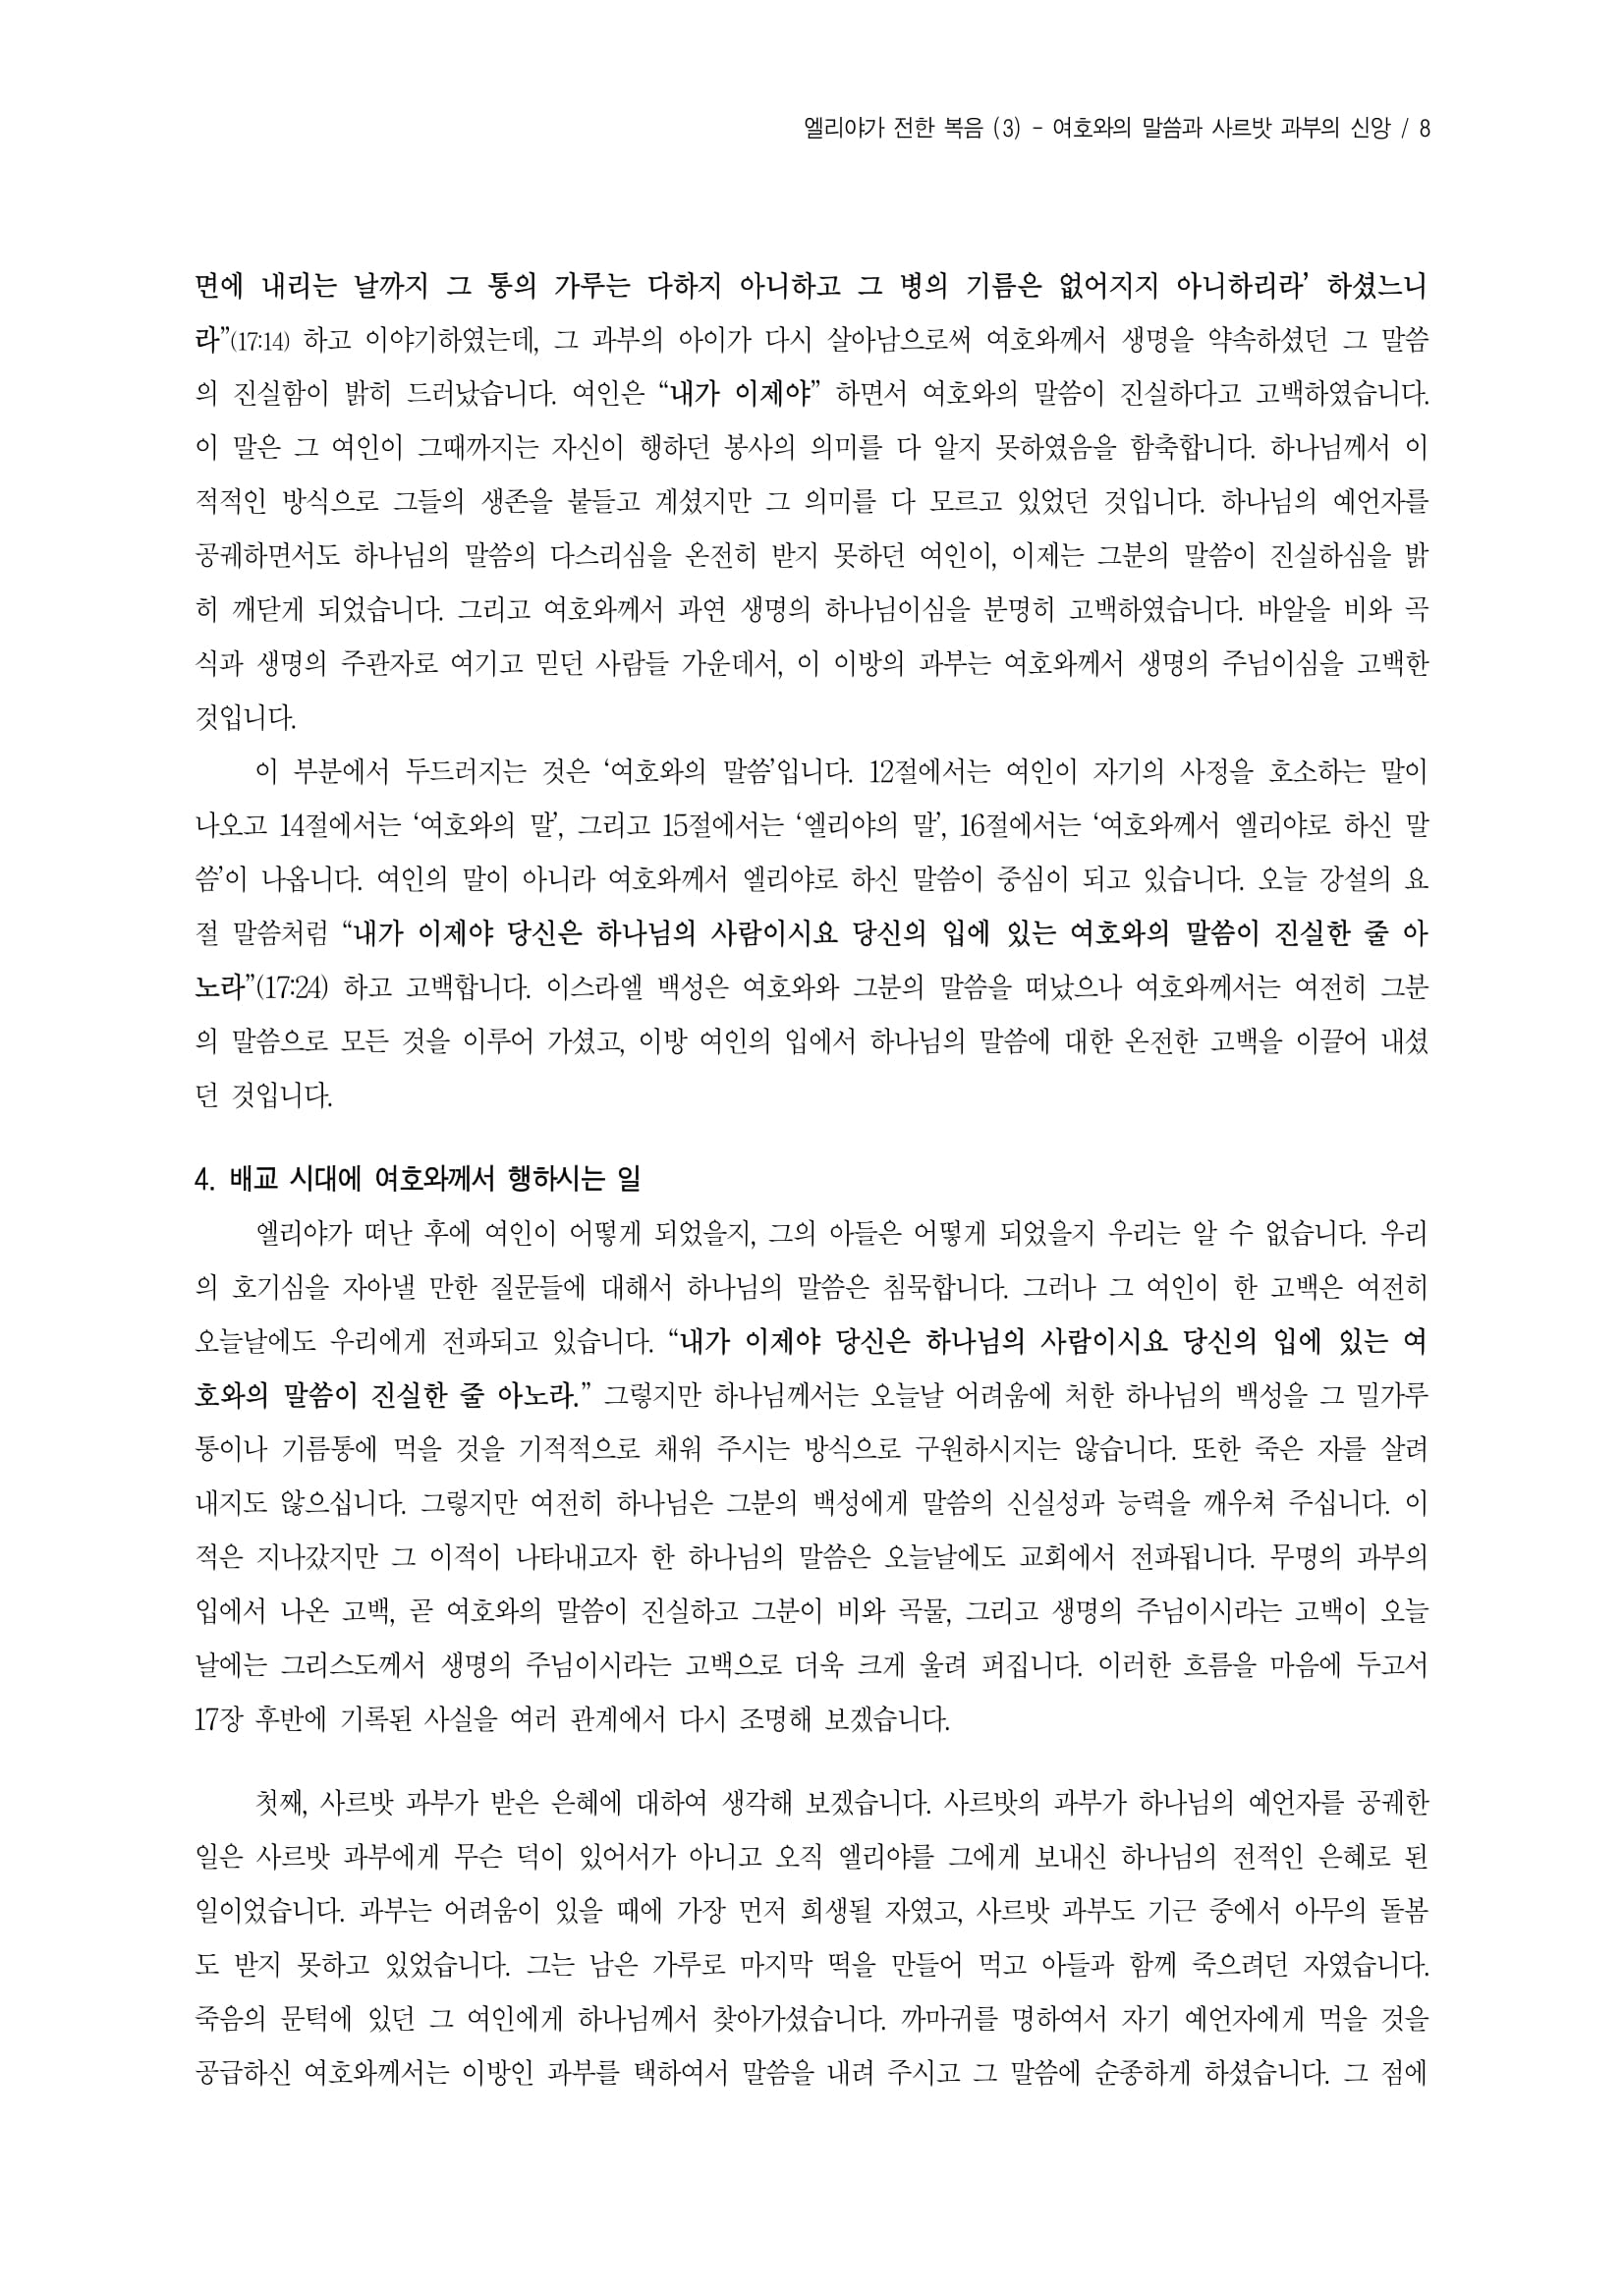 엘리야(3)-여호와의 말씀과 사르밧과부의 신앙_왕상17장-07.jpg